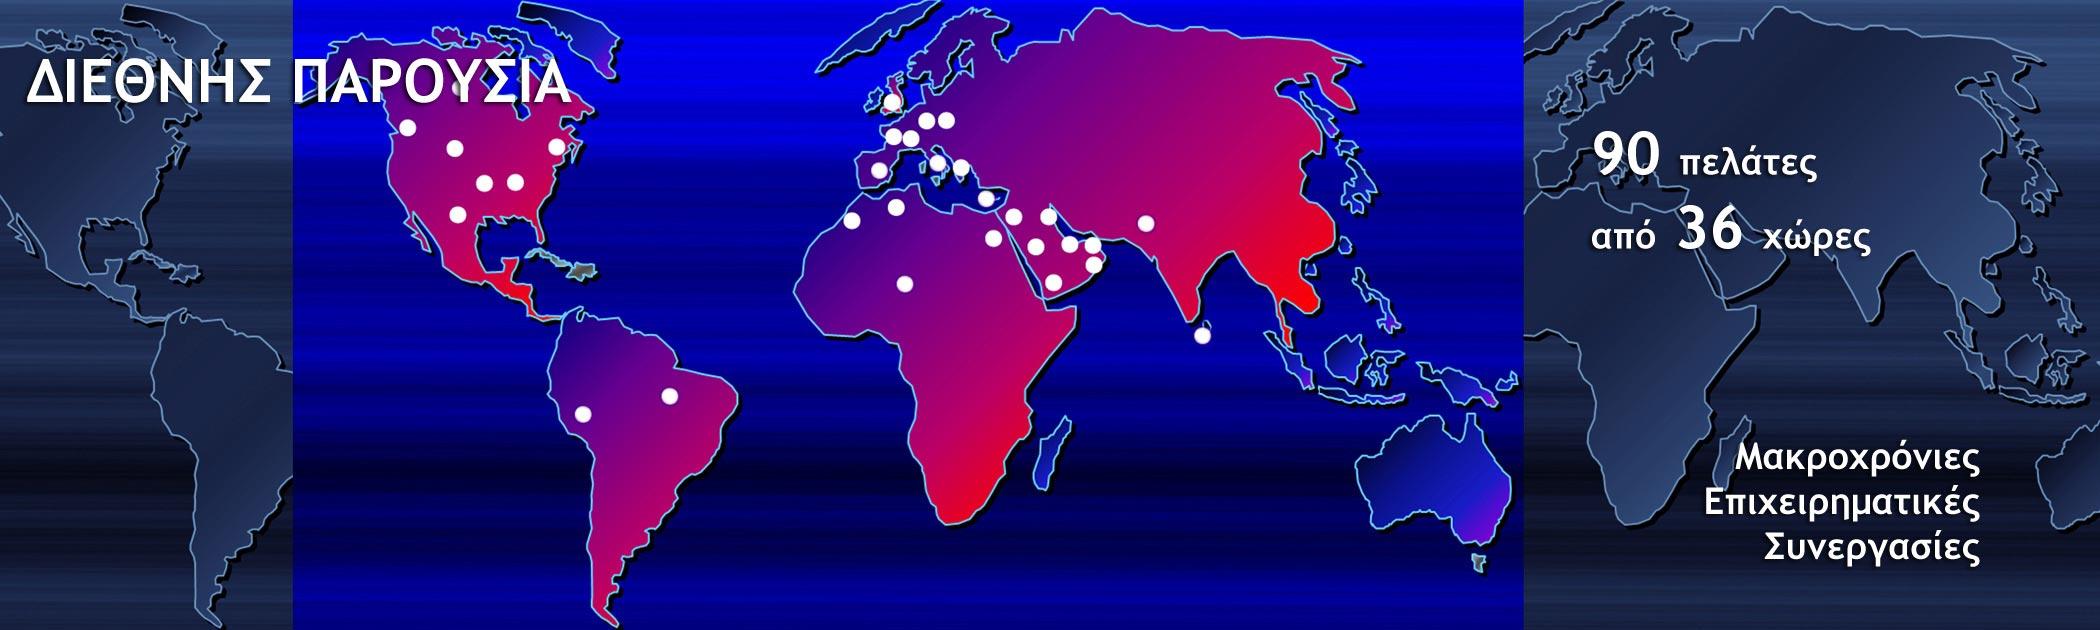 map2_2100n